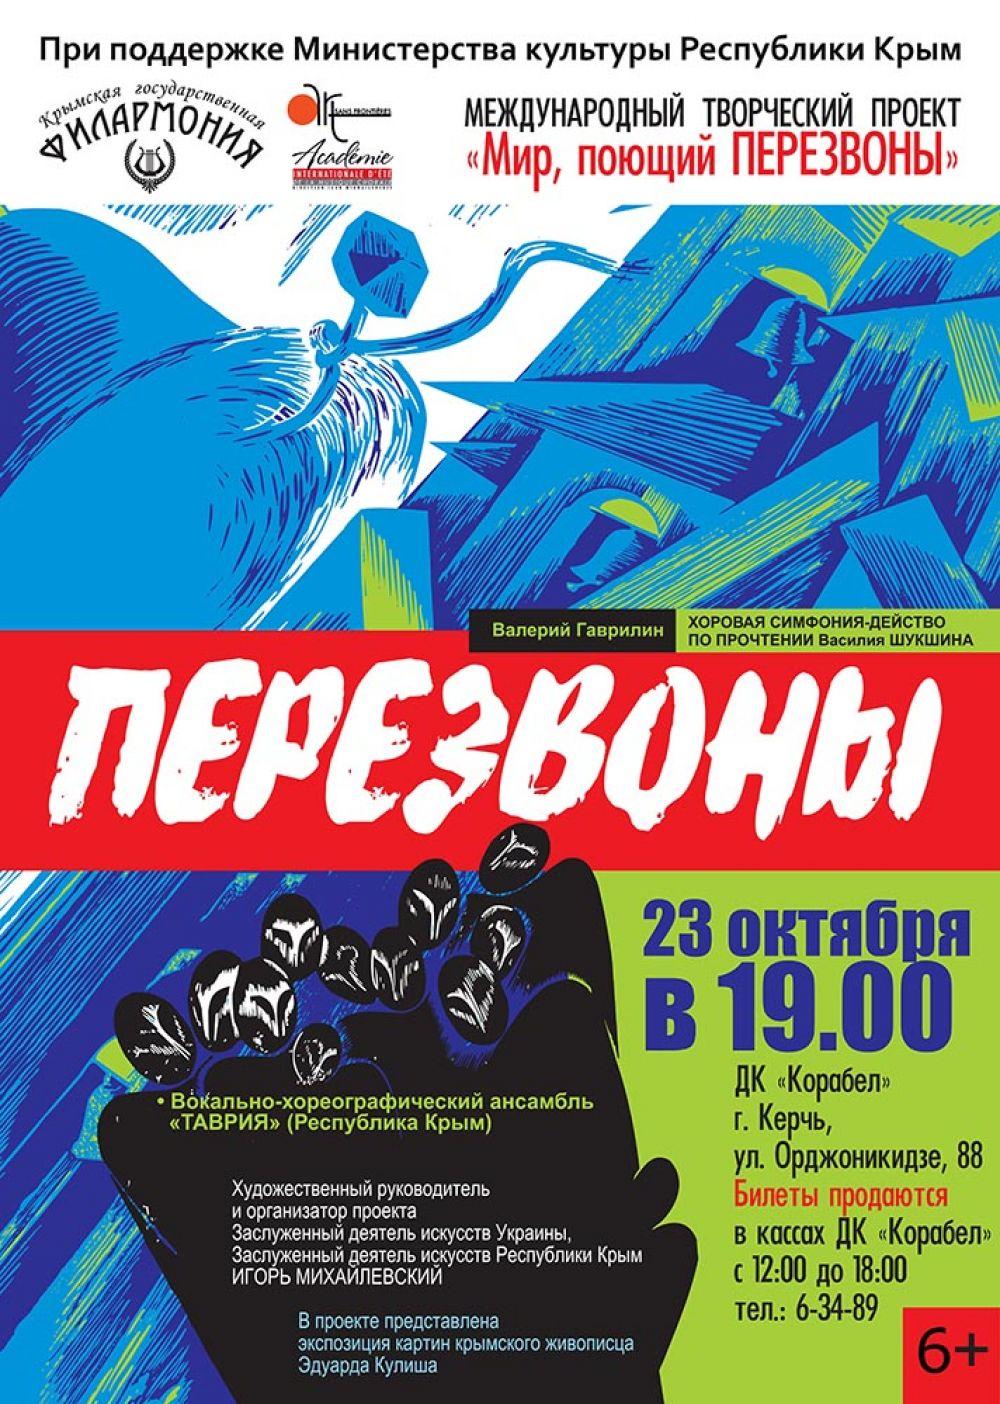 Хоровую симфонию-действо по прочтении Шукшина «Перезвоны» представят в Керчи